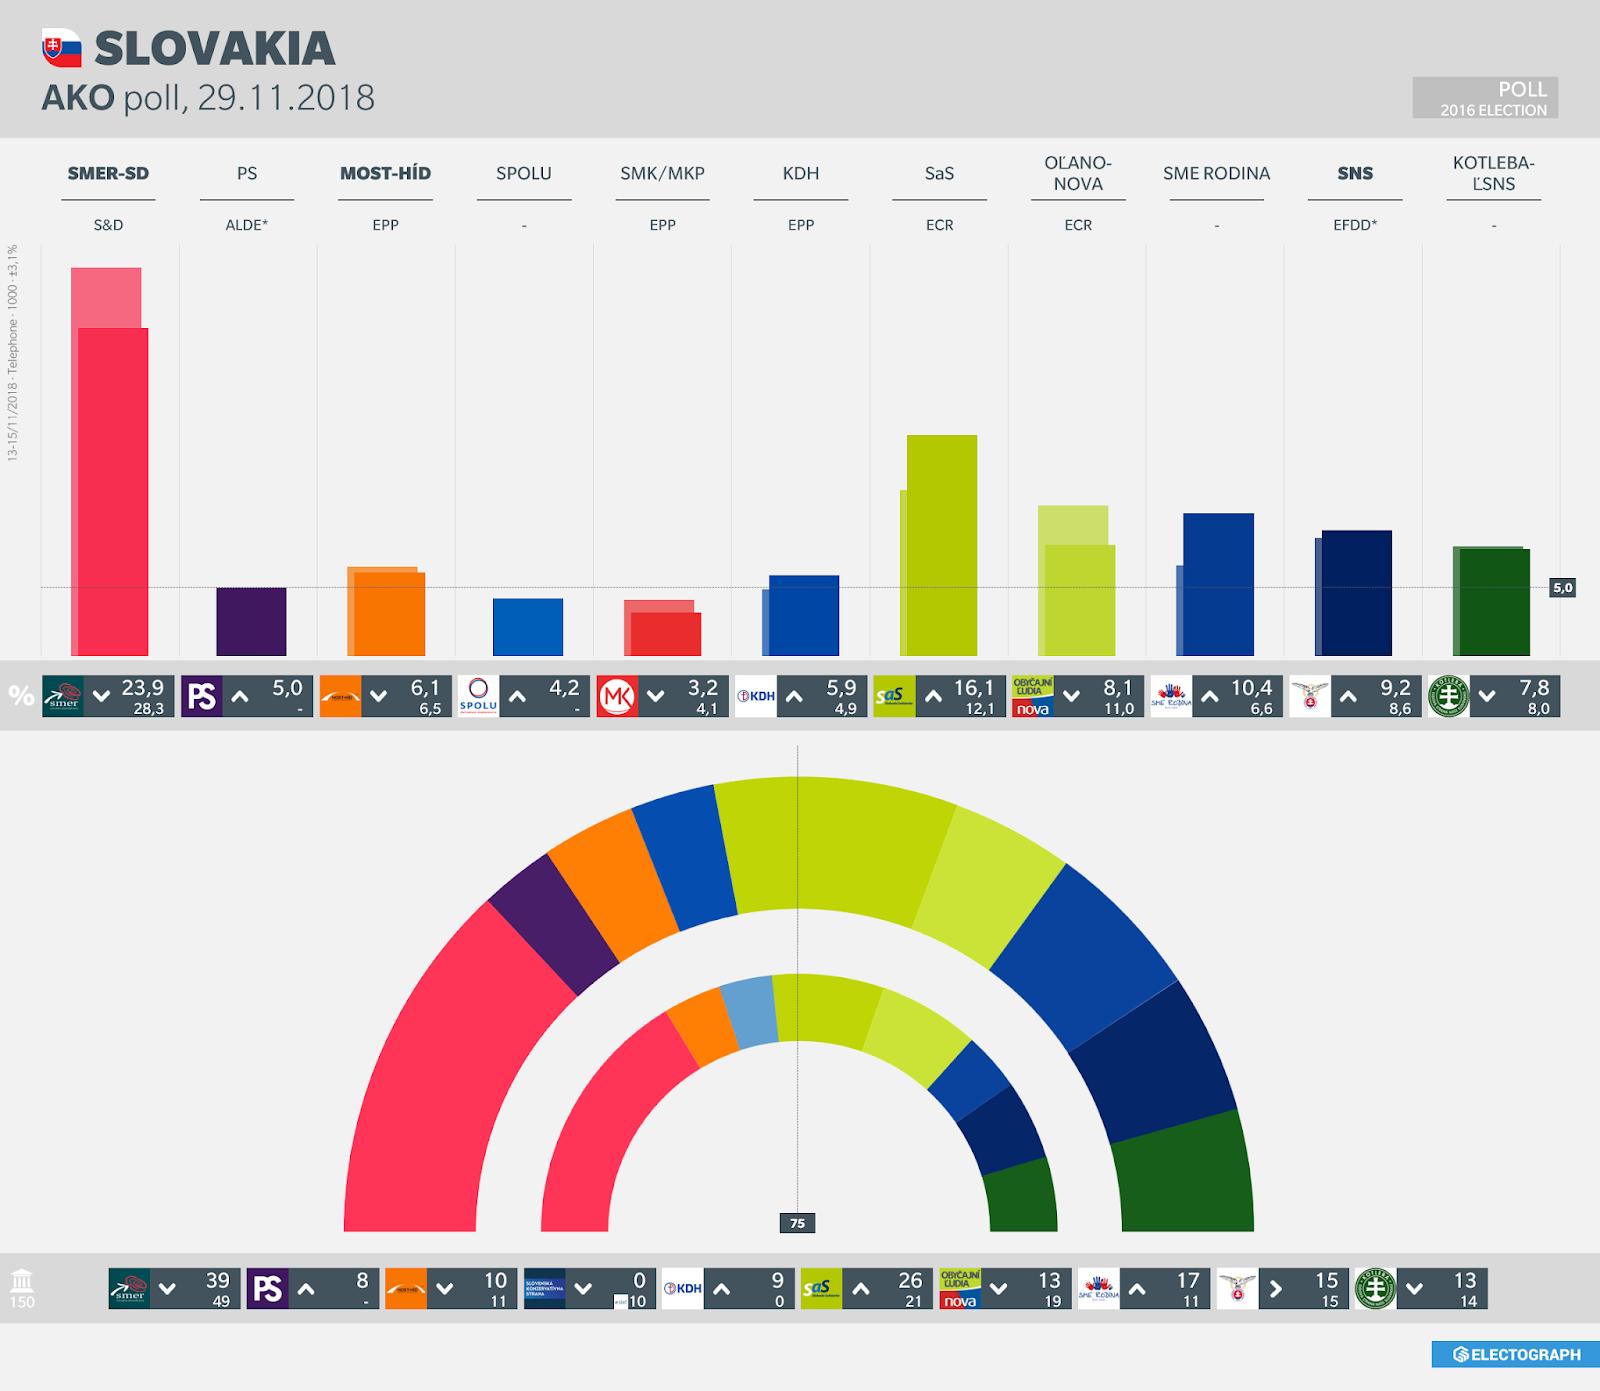 SLOVAKIA: AKO poll chart, 29 November 2018